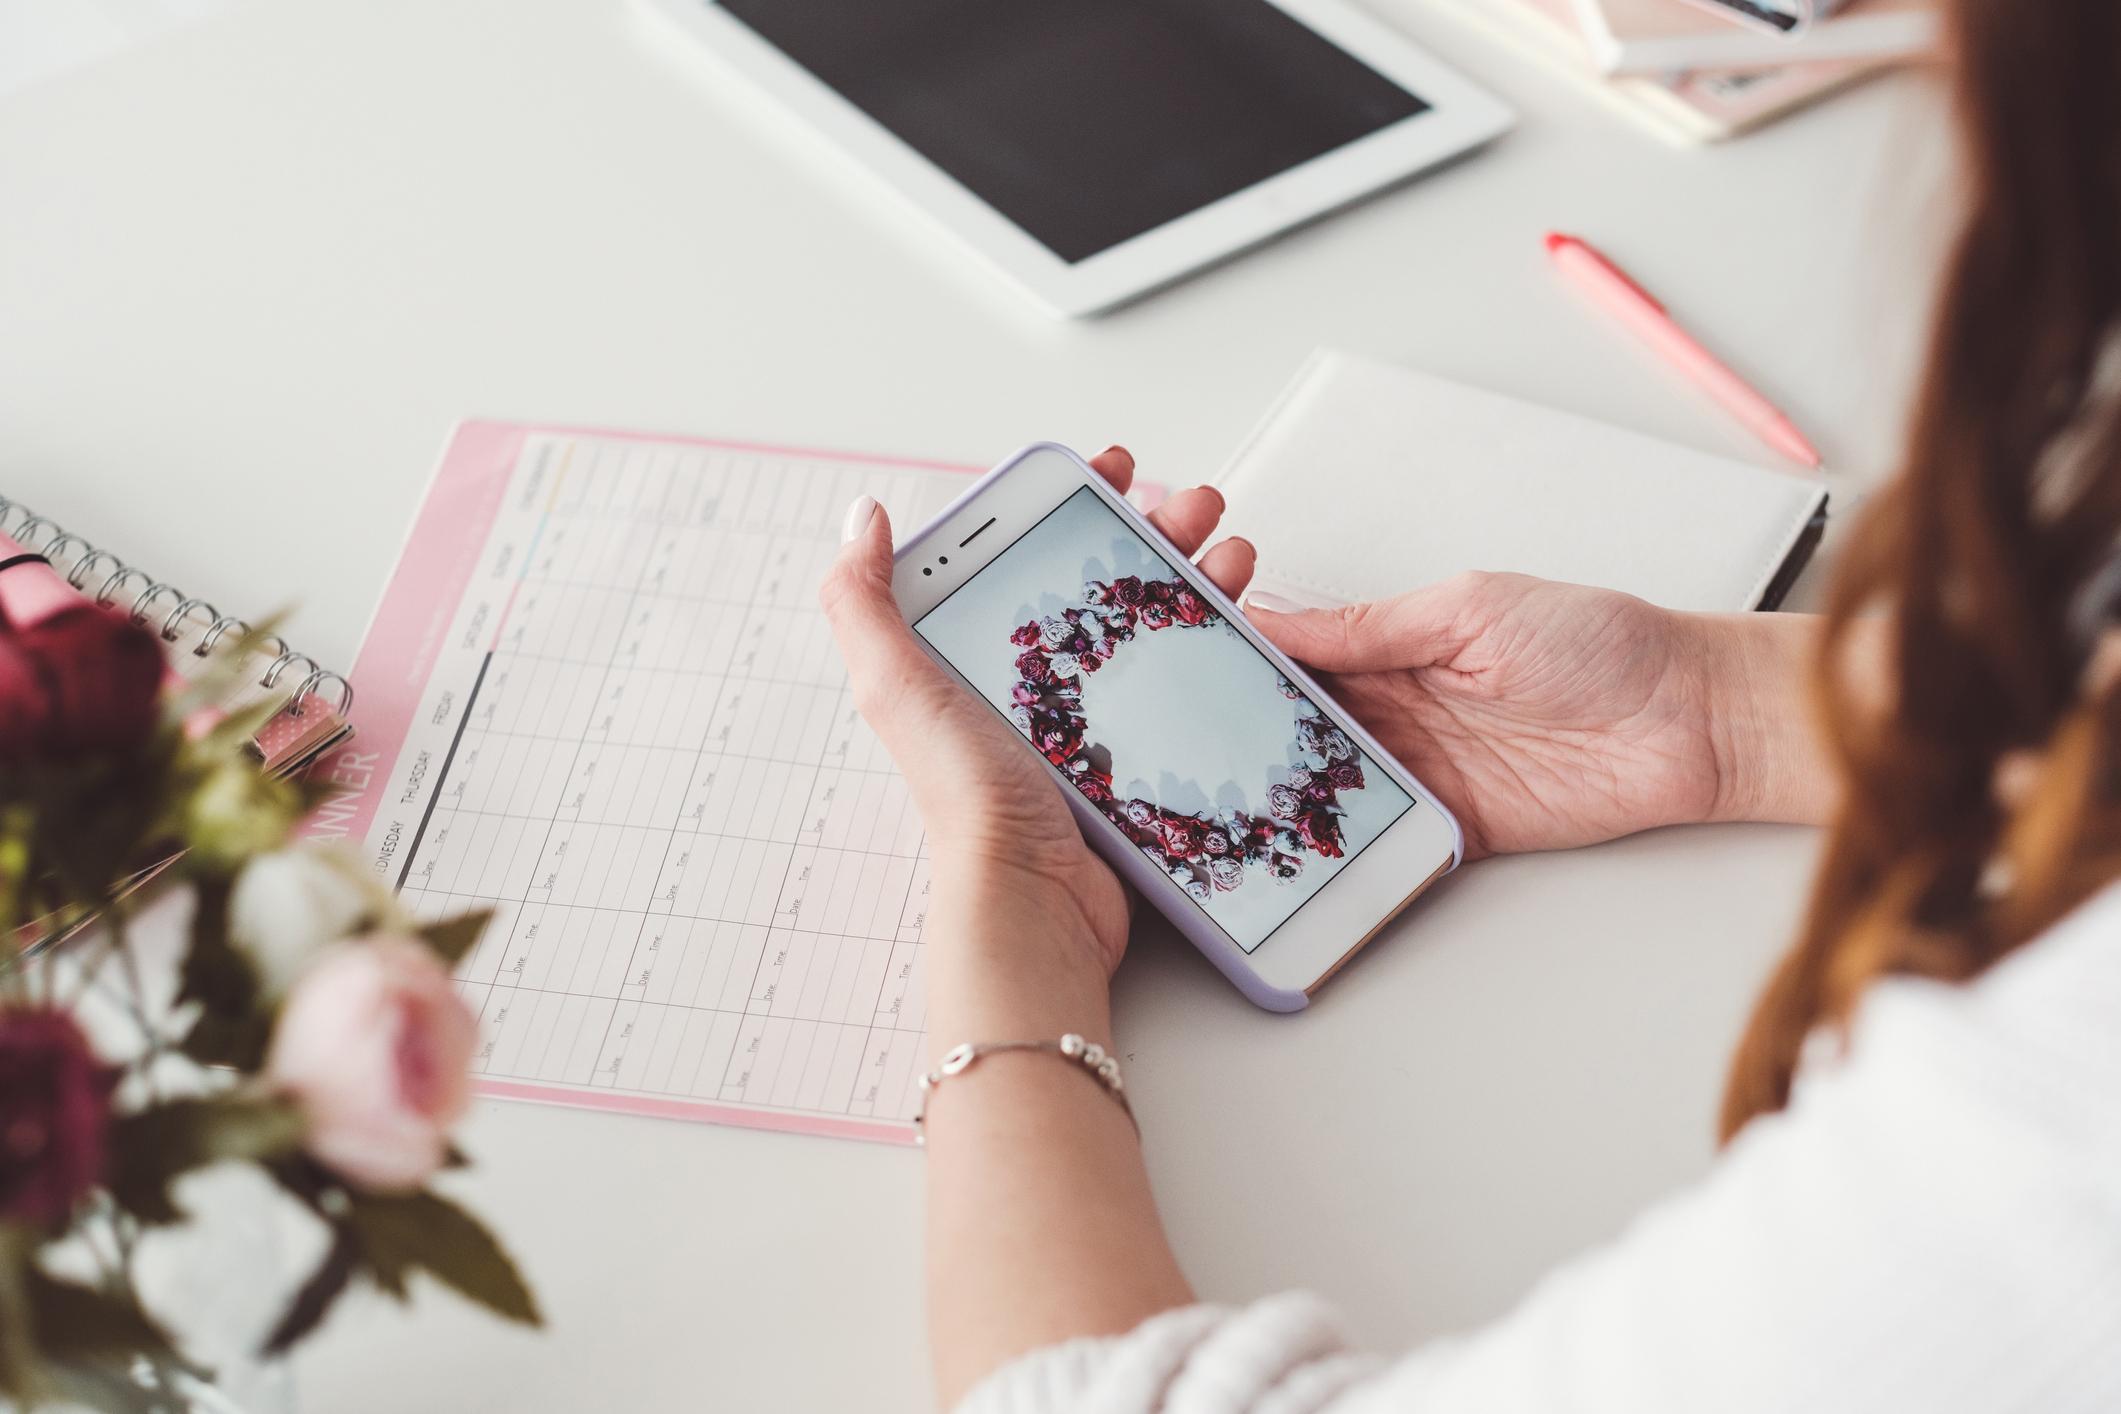 Mobiteli odvlače pažnju na radnom mjestu, stručnjaci savjetuju kako to spriječiti.